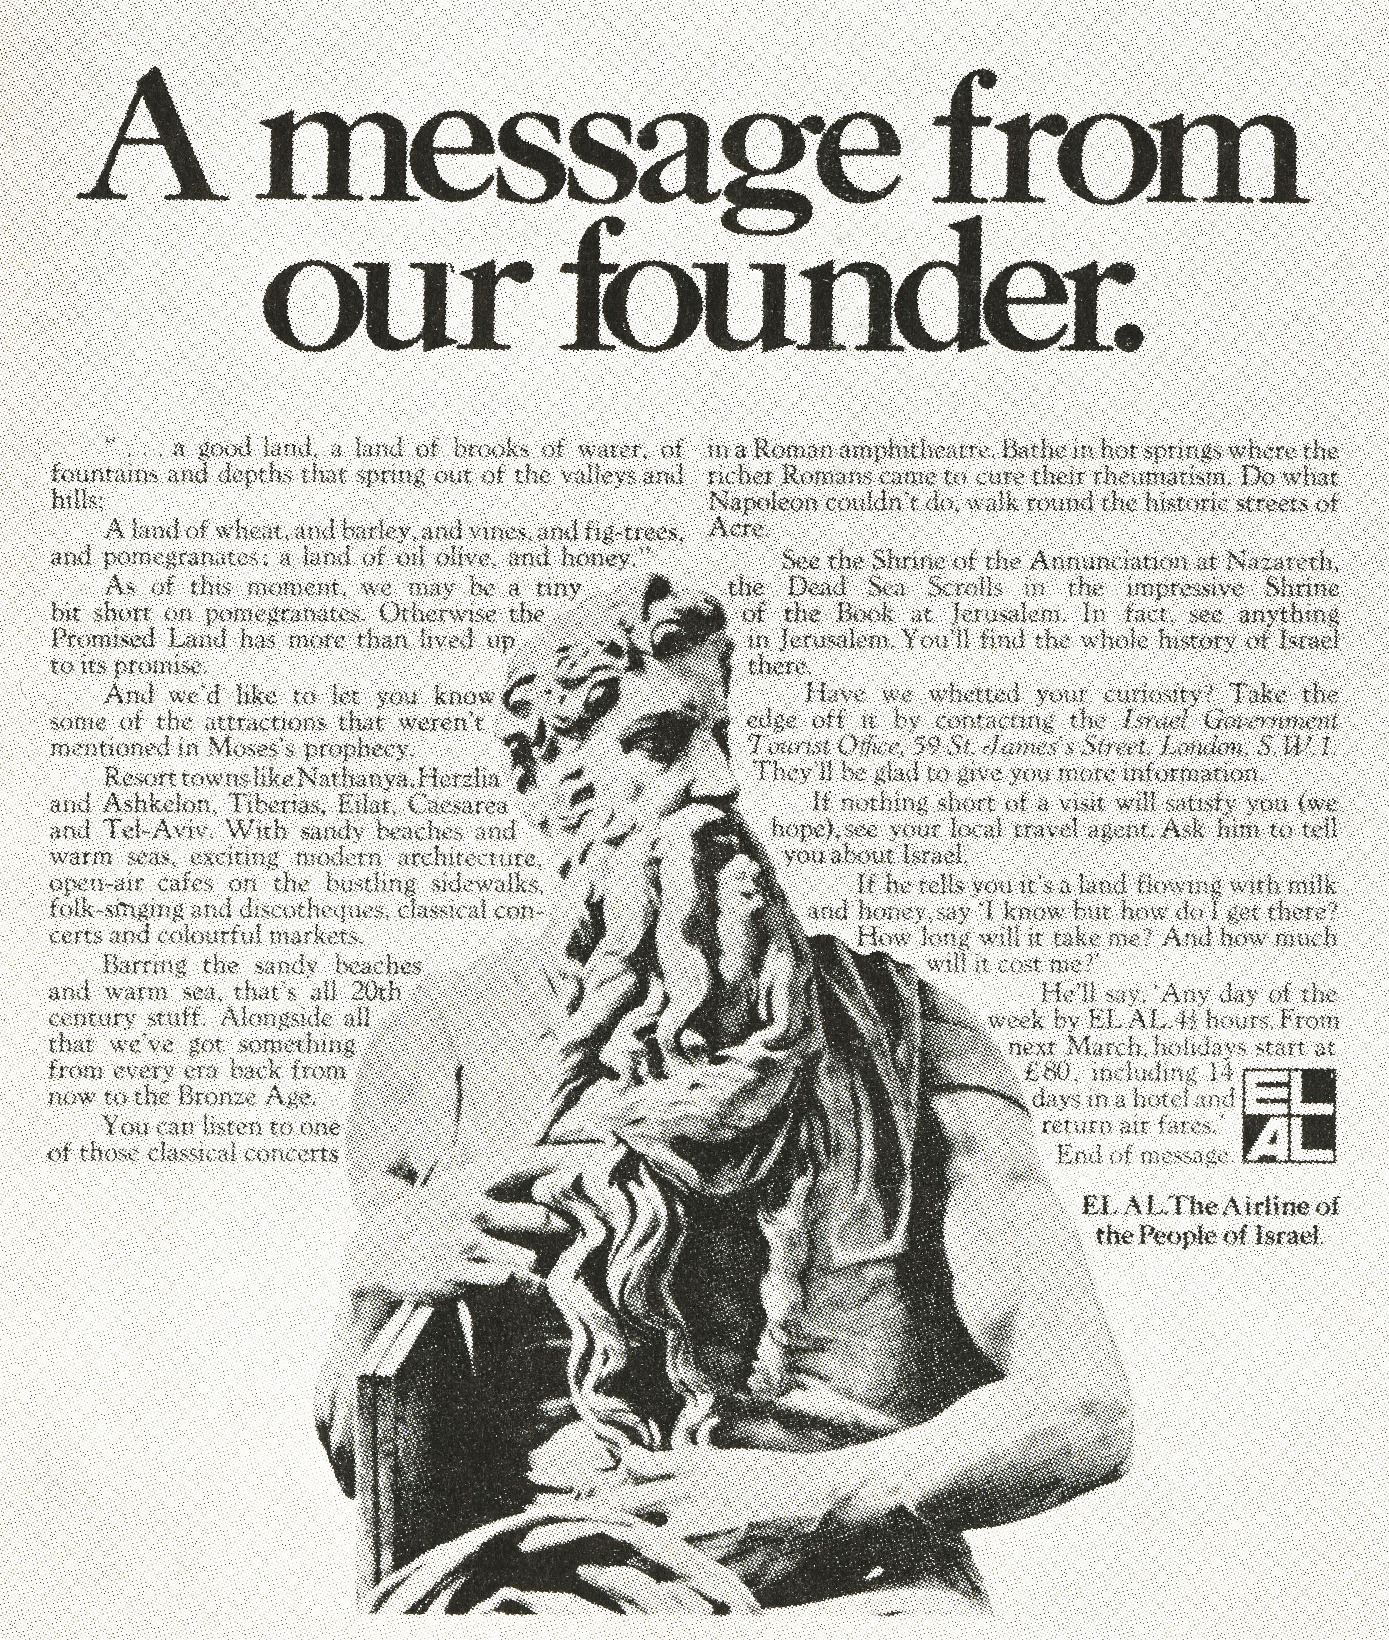 El Al 'Founder', John Hegarty, John Collings-01